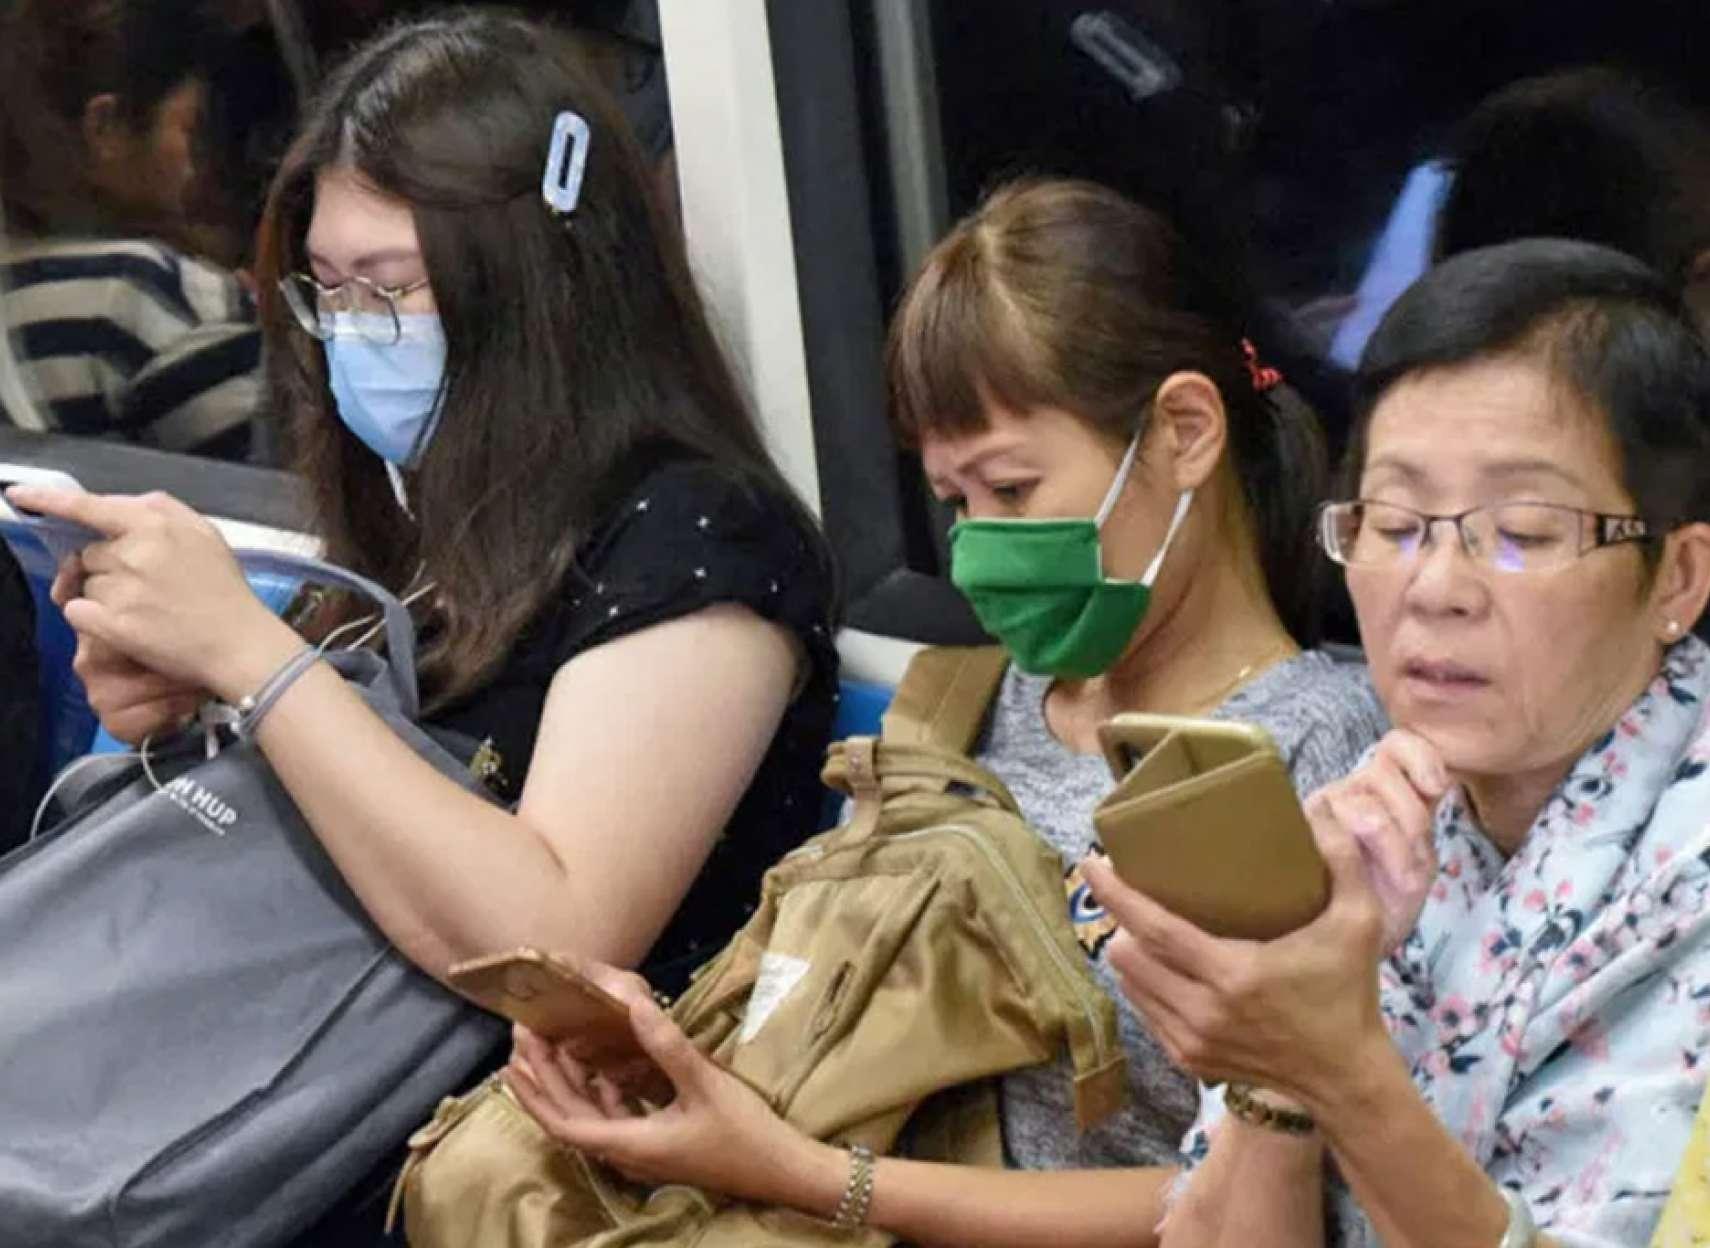 اخبار-کانادا-راز-غلبه-تایوان-و-سنگاپور-بر-کرونا-در-عین-زندگی-عادی-مردم-در-چیست